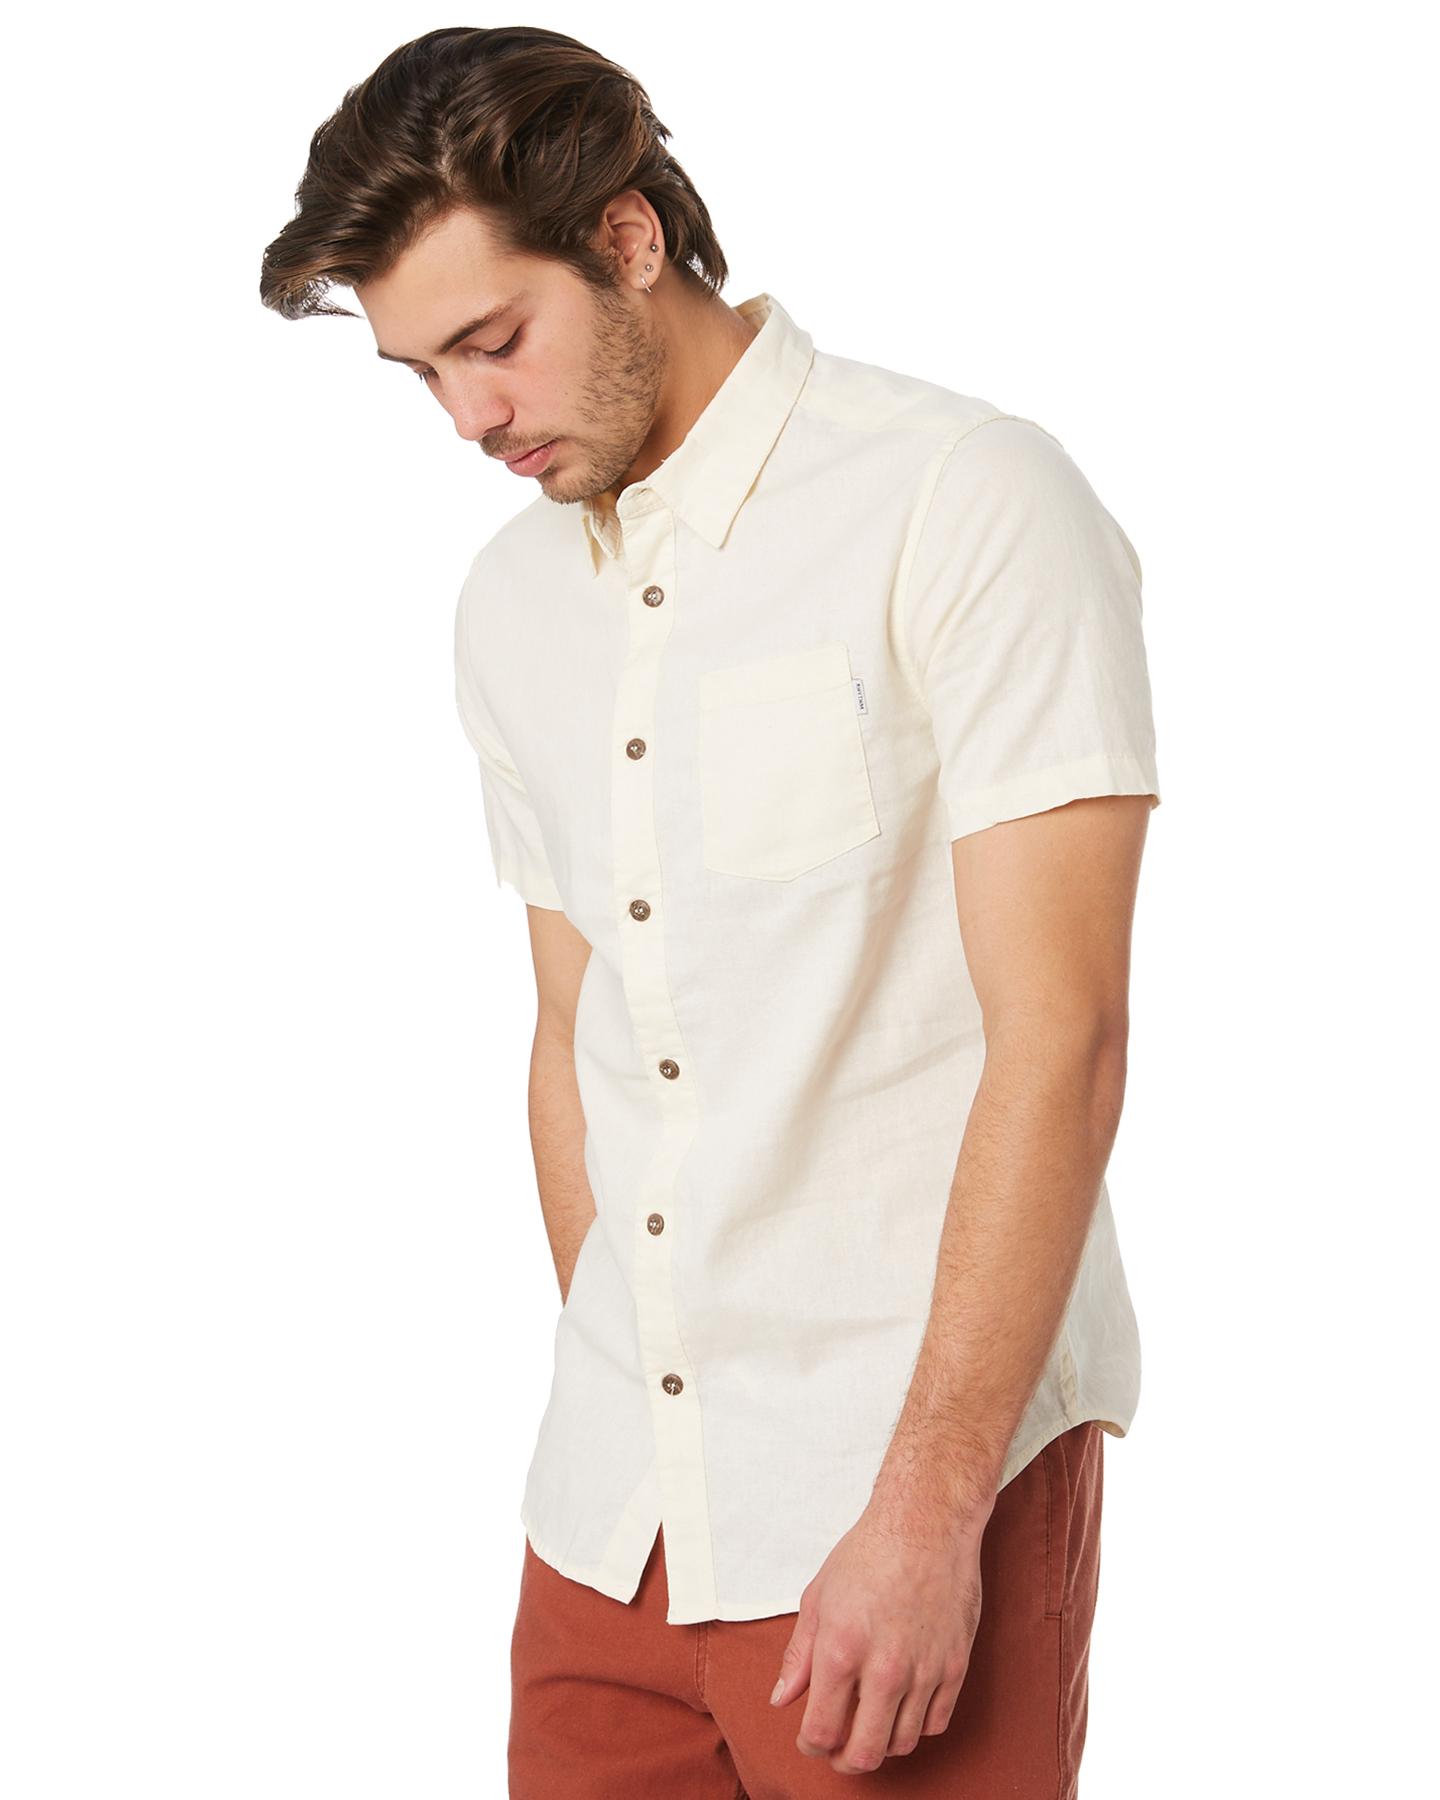 Rhythm Apartment Short Sleeve Shirt in White